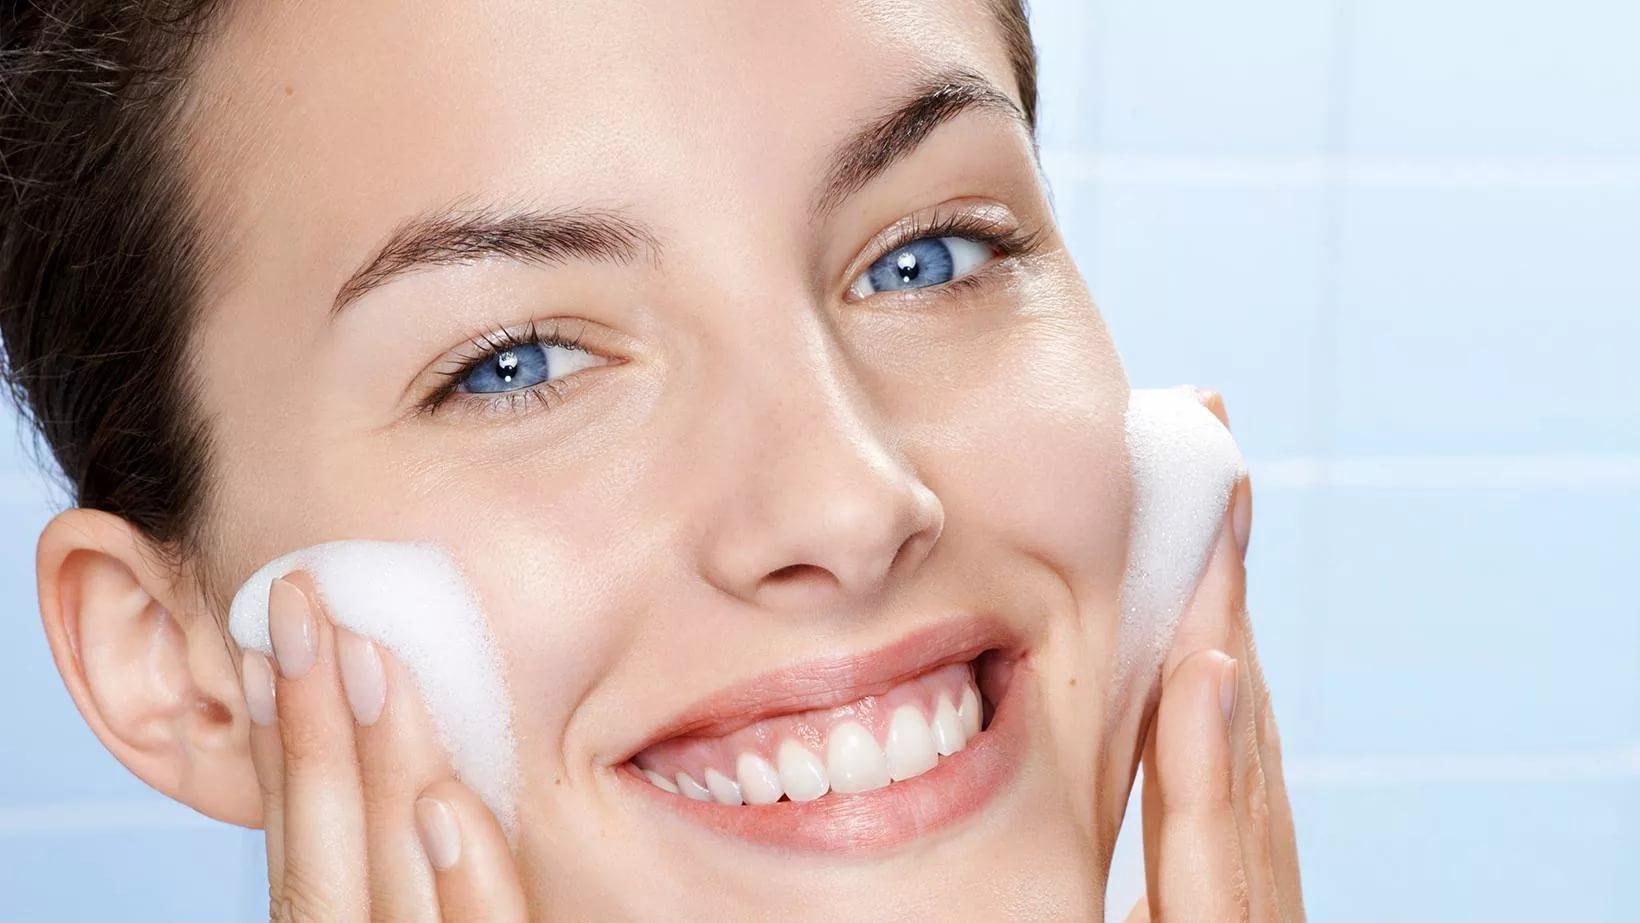 очищение кожи картинки лица